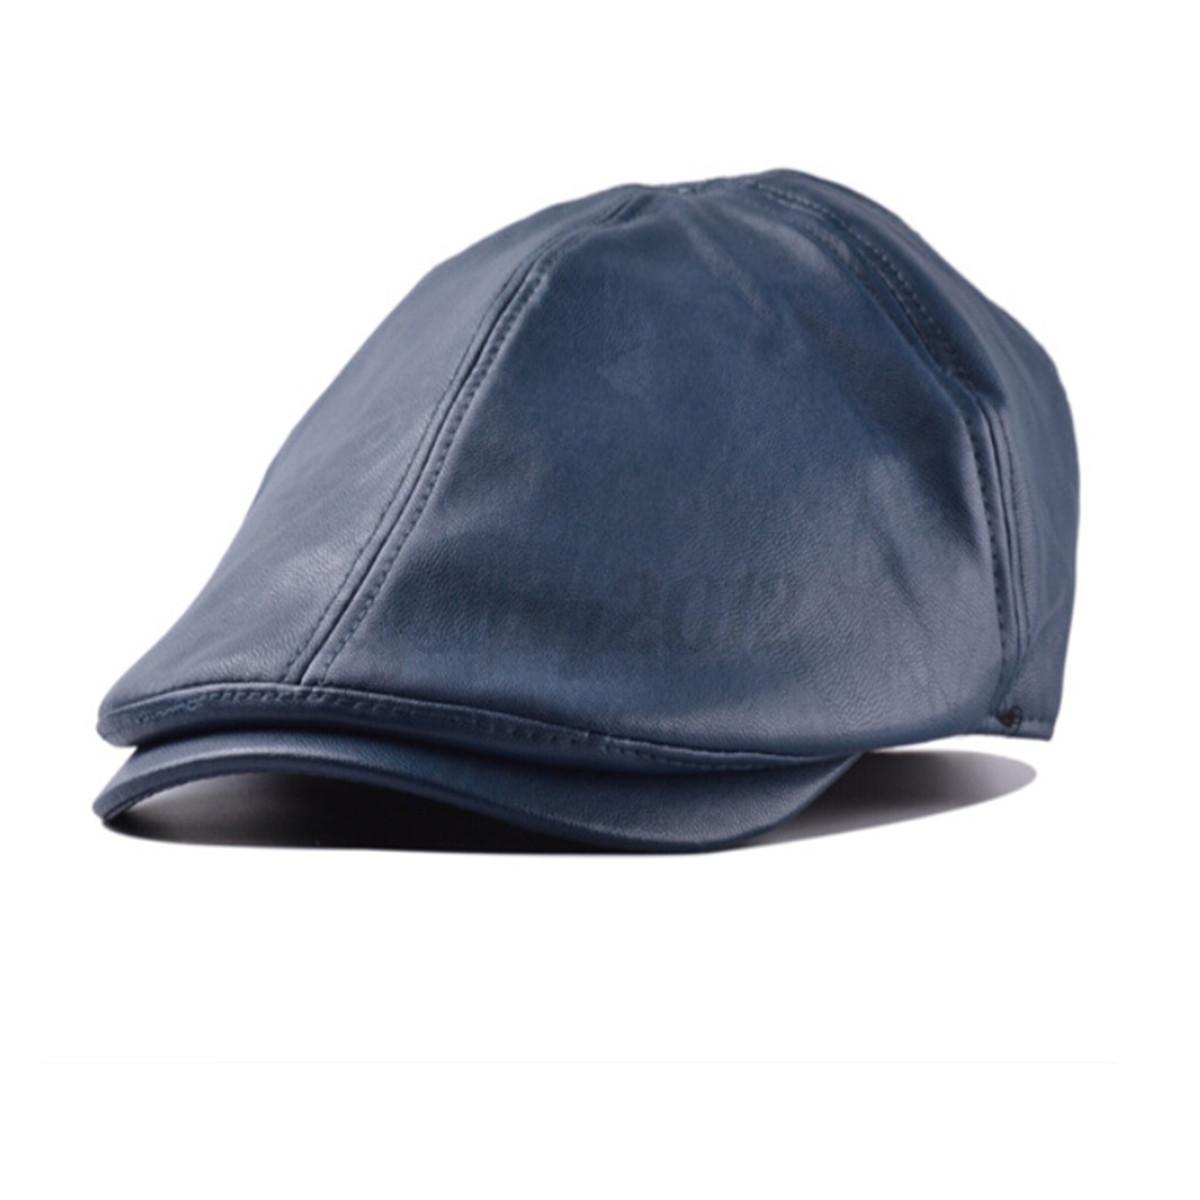 hommes femmes chapeau casquette cuir b ret conduit unisexe bonnet cap unisexe ebay. Black Bedroom Furniture Sets. Home Design Ideas